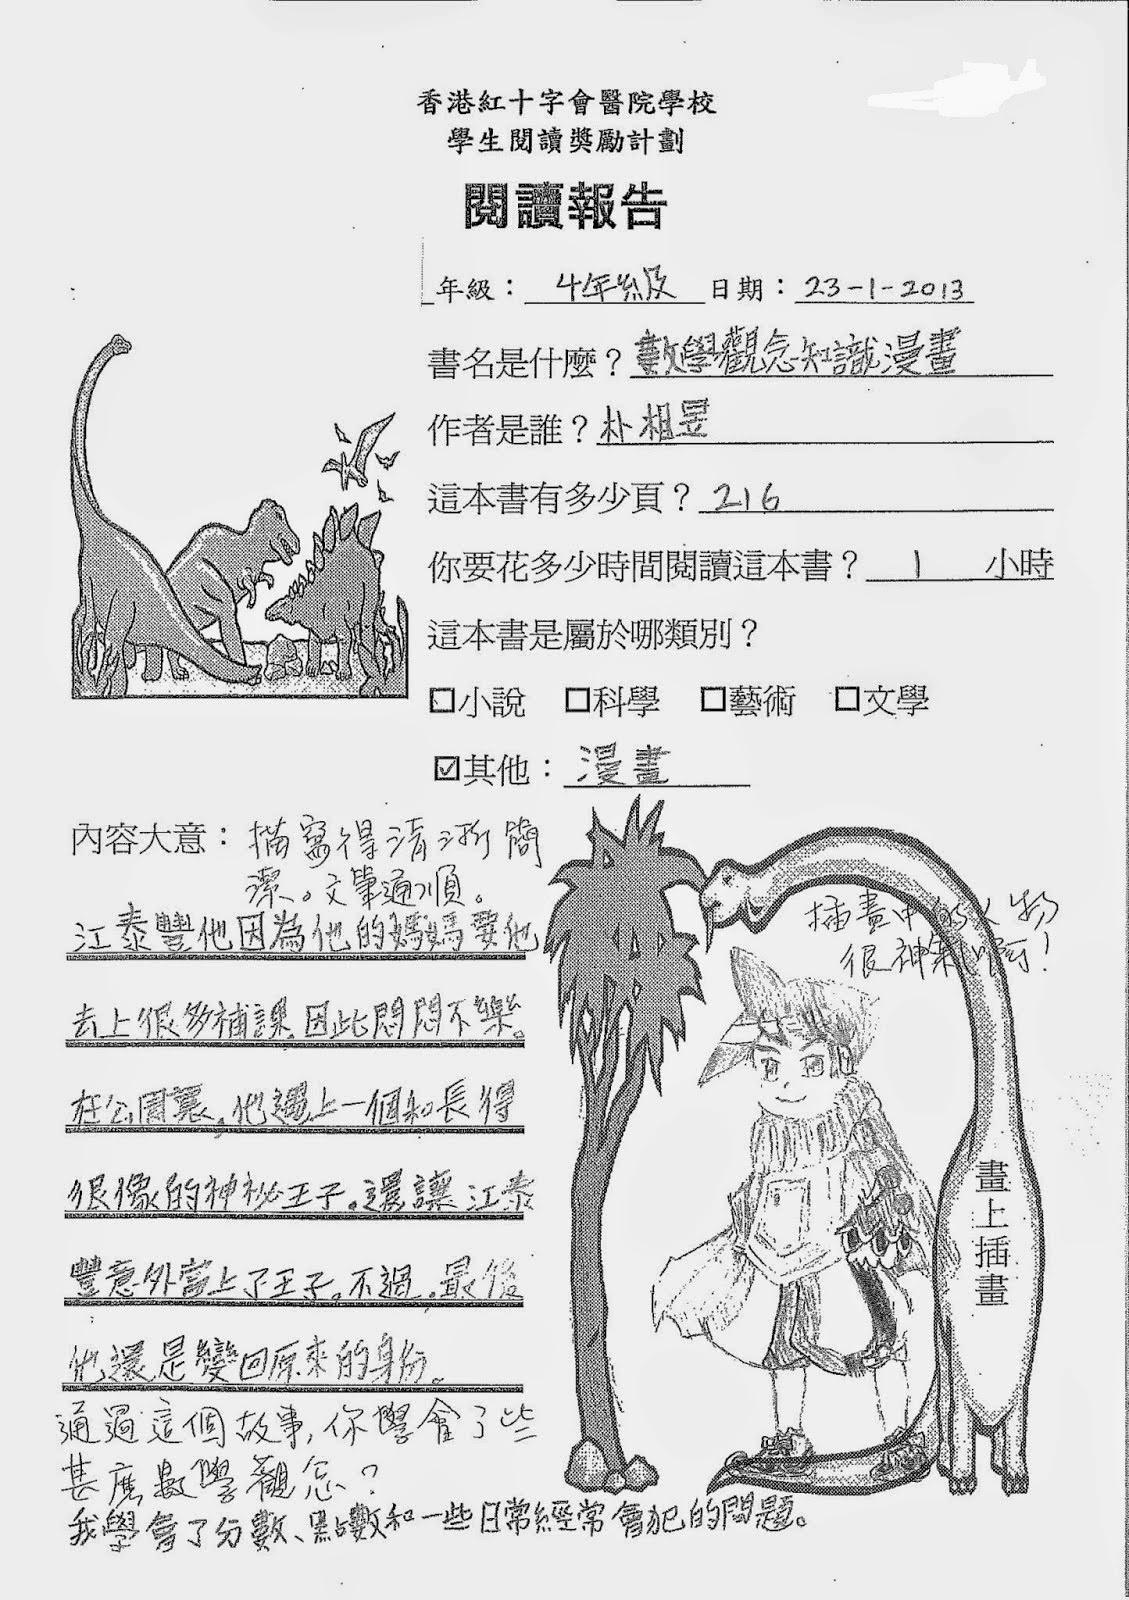 香港紅十字會醫院學校: 數學觀念知識漫畫